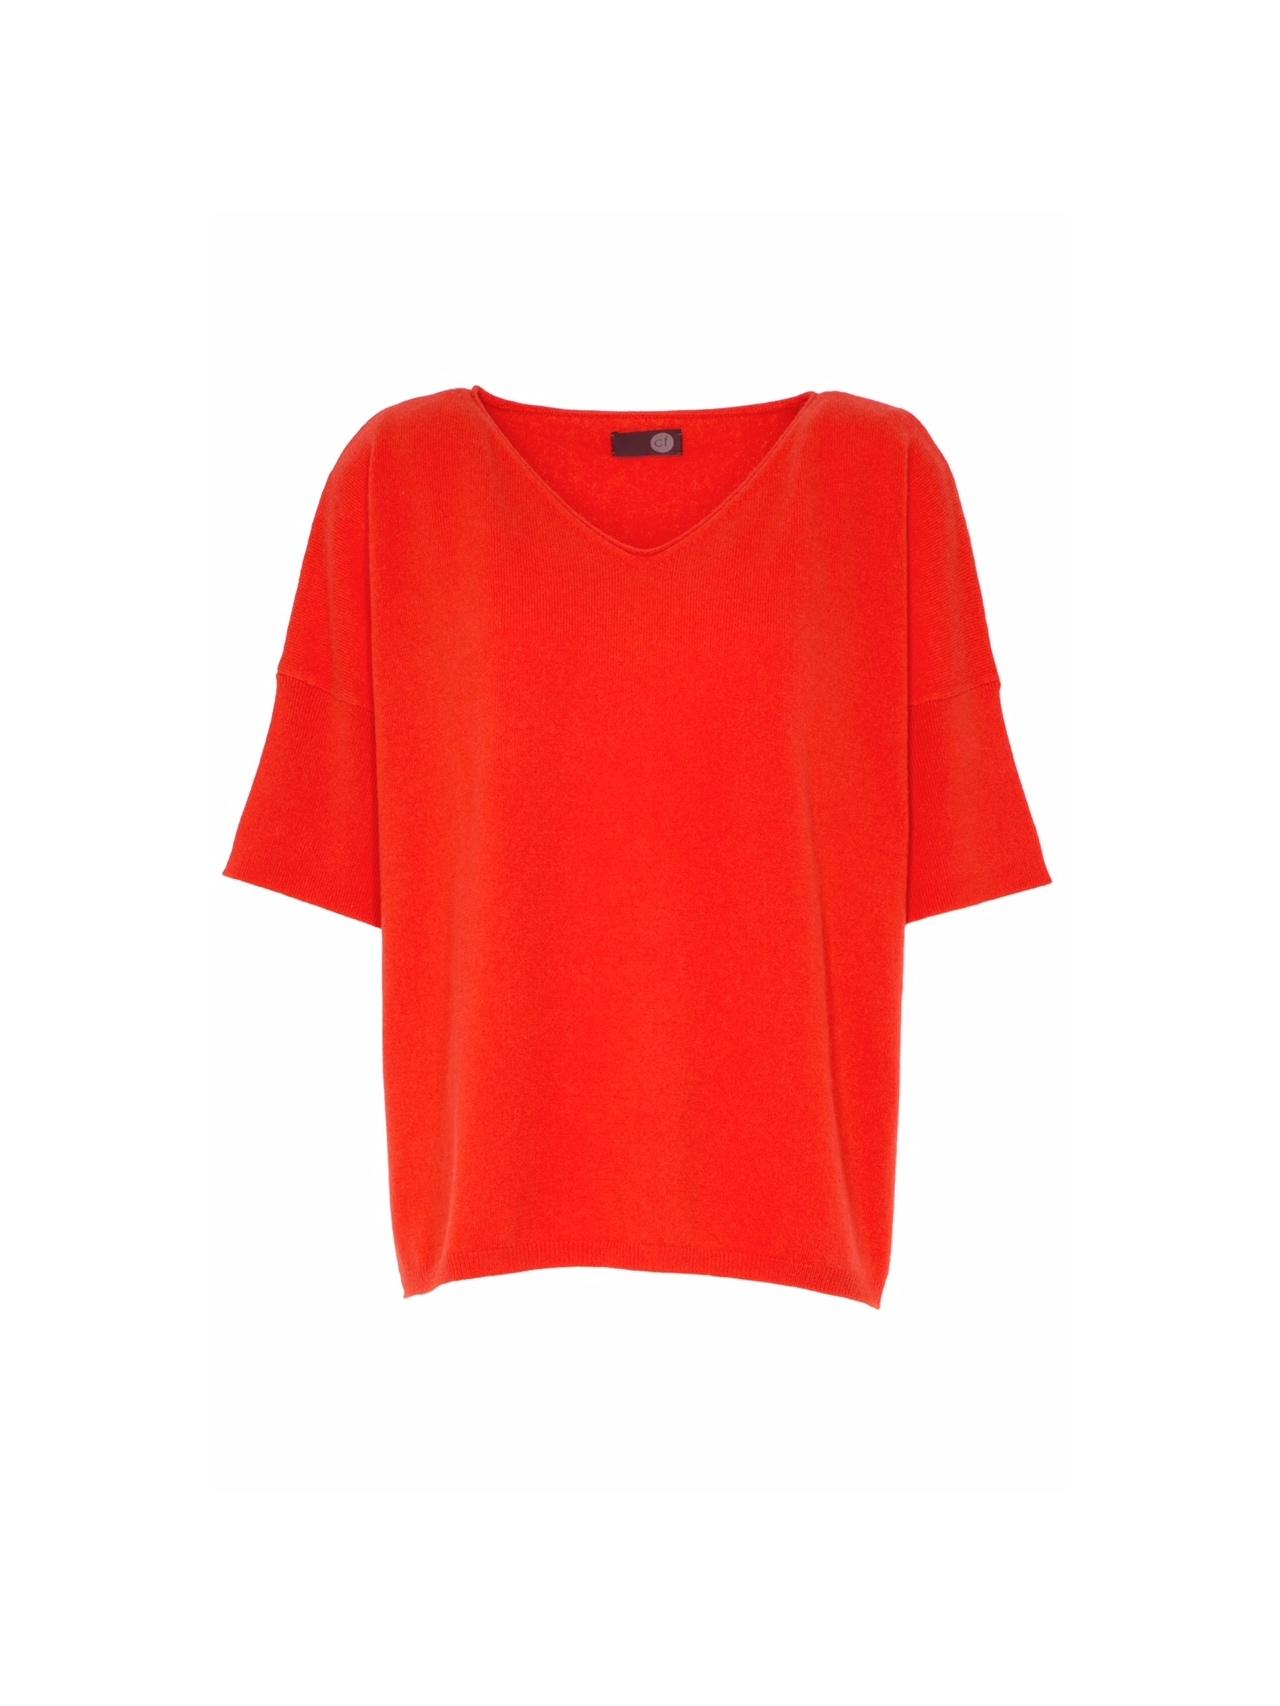 Palm Springs   Dieser Pullover mit überschnittenen Schultern und den cleanen Abschlüssen ist ein legerer Begleiter. Der lässige Look wird durch die oversized geschnittene Passform betont.  100% Cashmere  Länge: 64 cm  Größe: one size